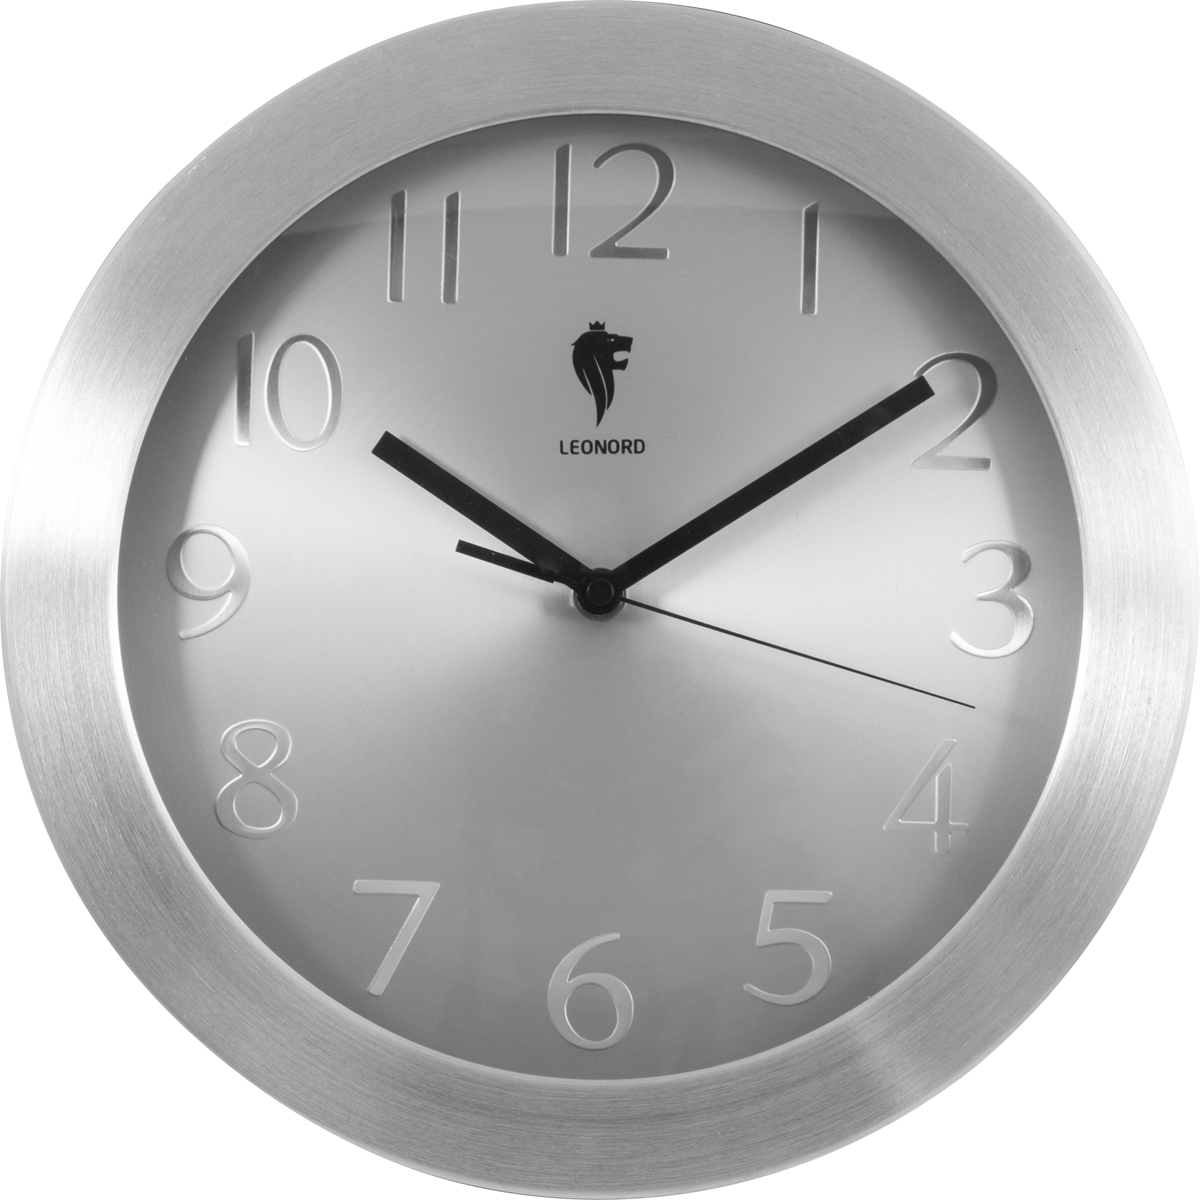 Leonord LC-73 настенные часы